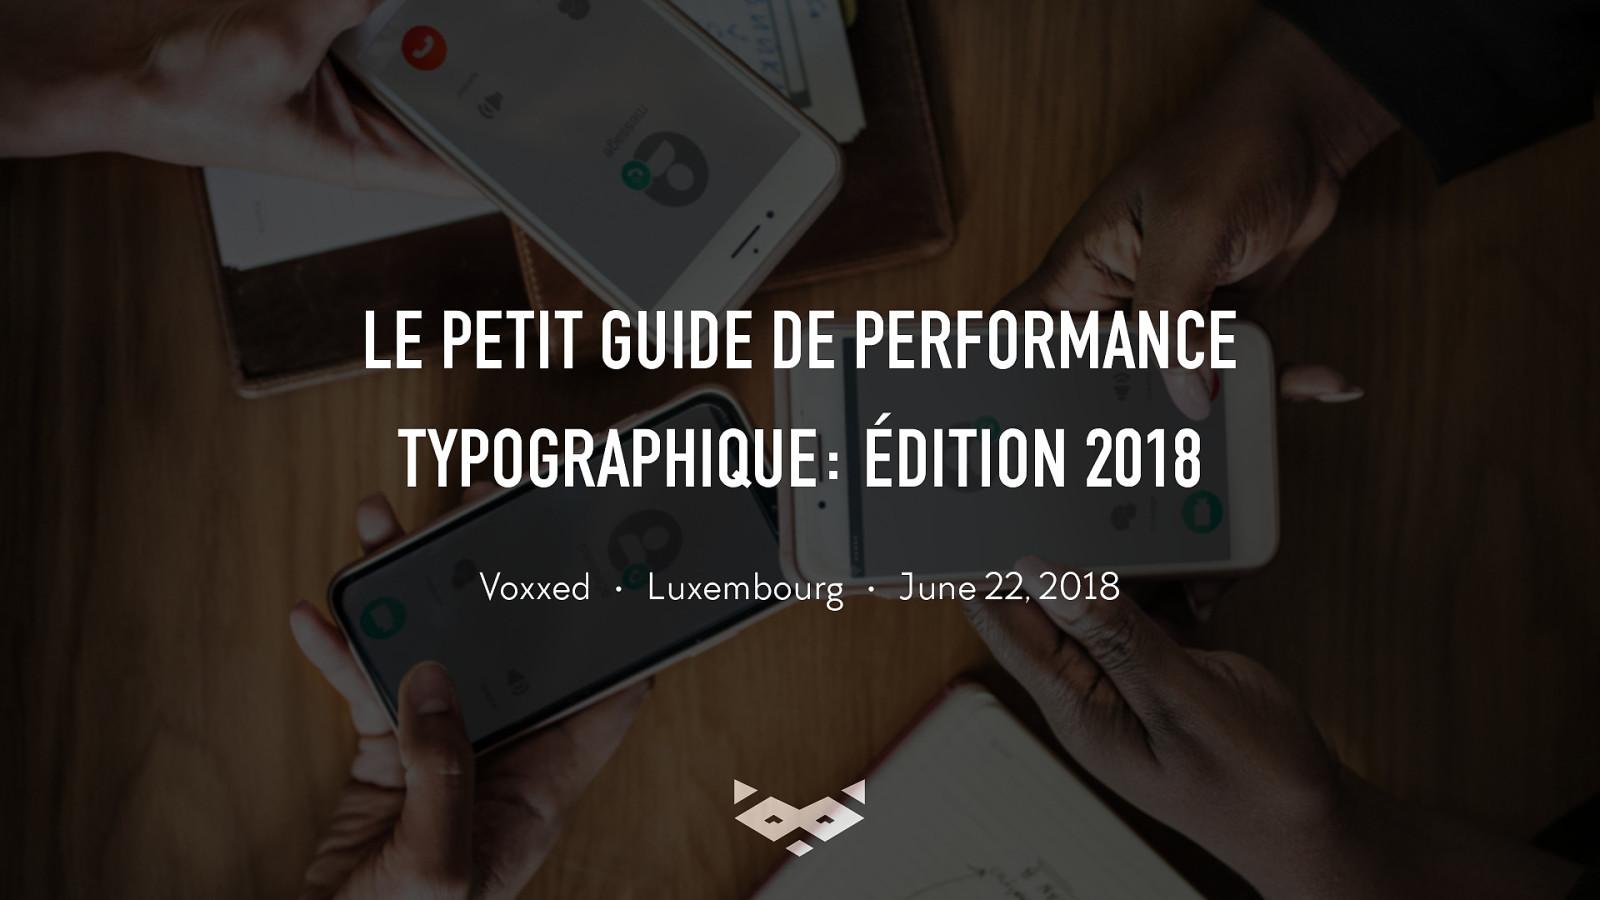 Le petit guide web typographique : édition 2018